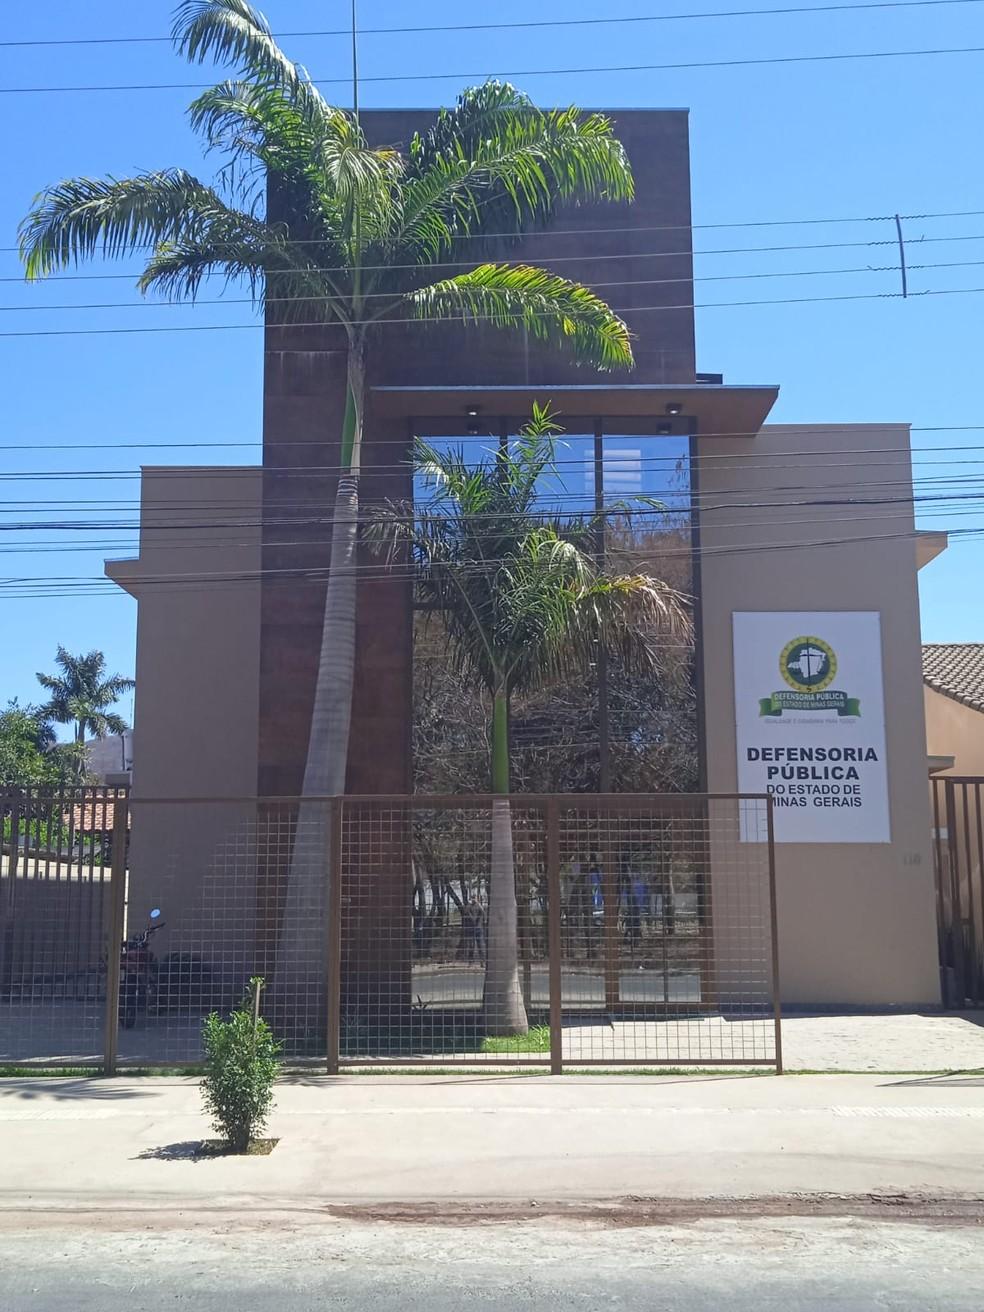 Defensoria Pública em Montes Claros — Foto: DPMG